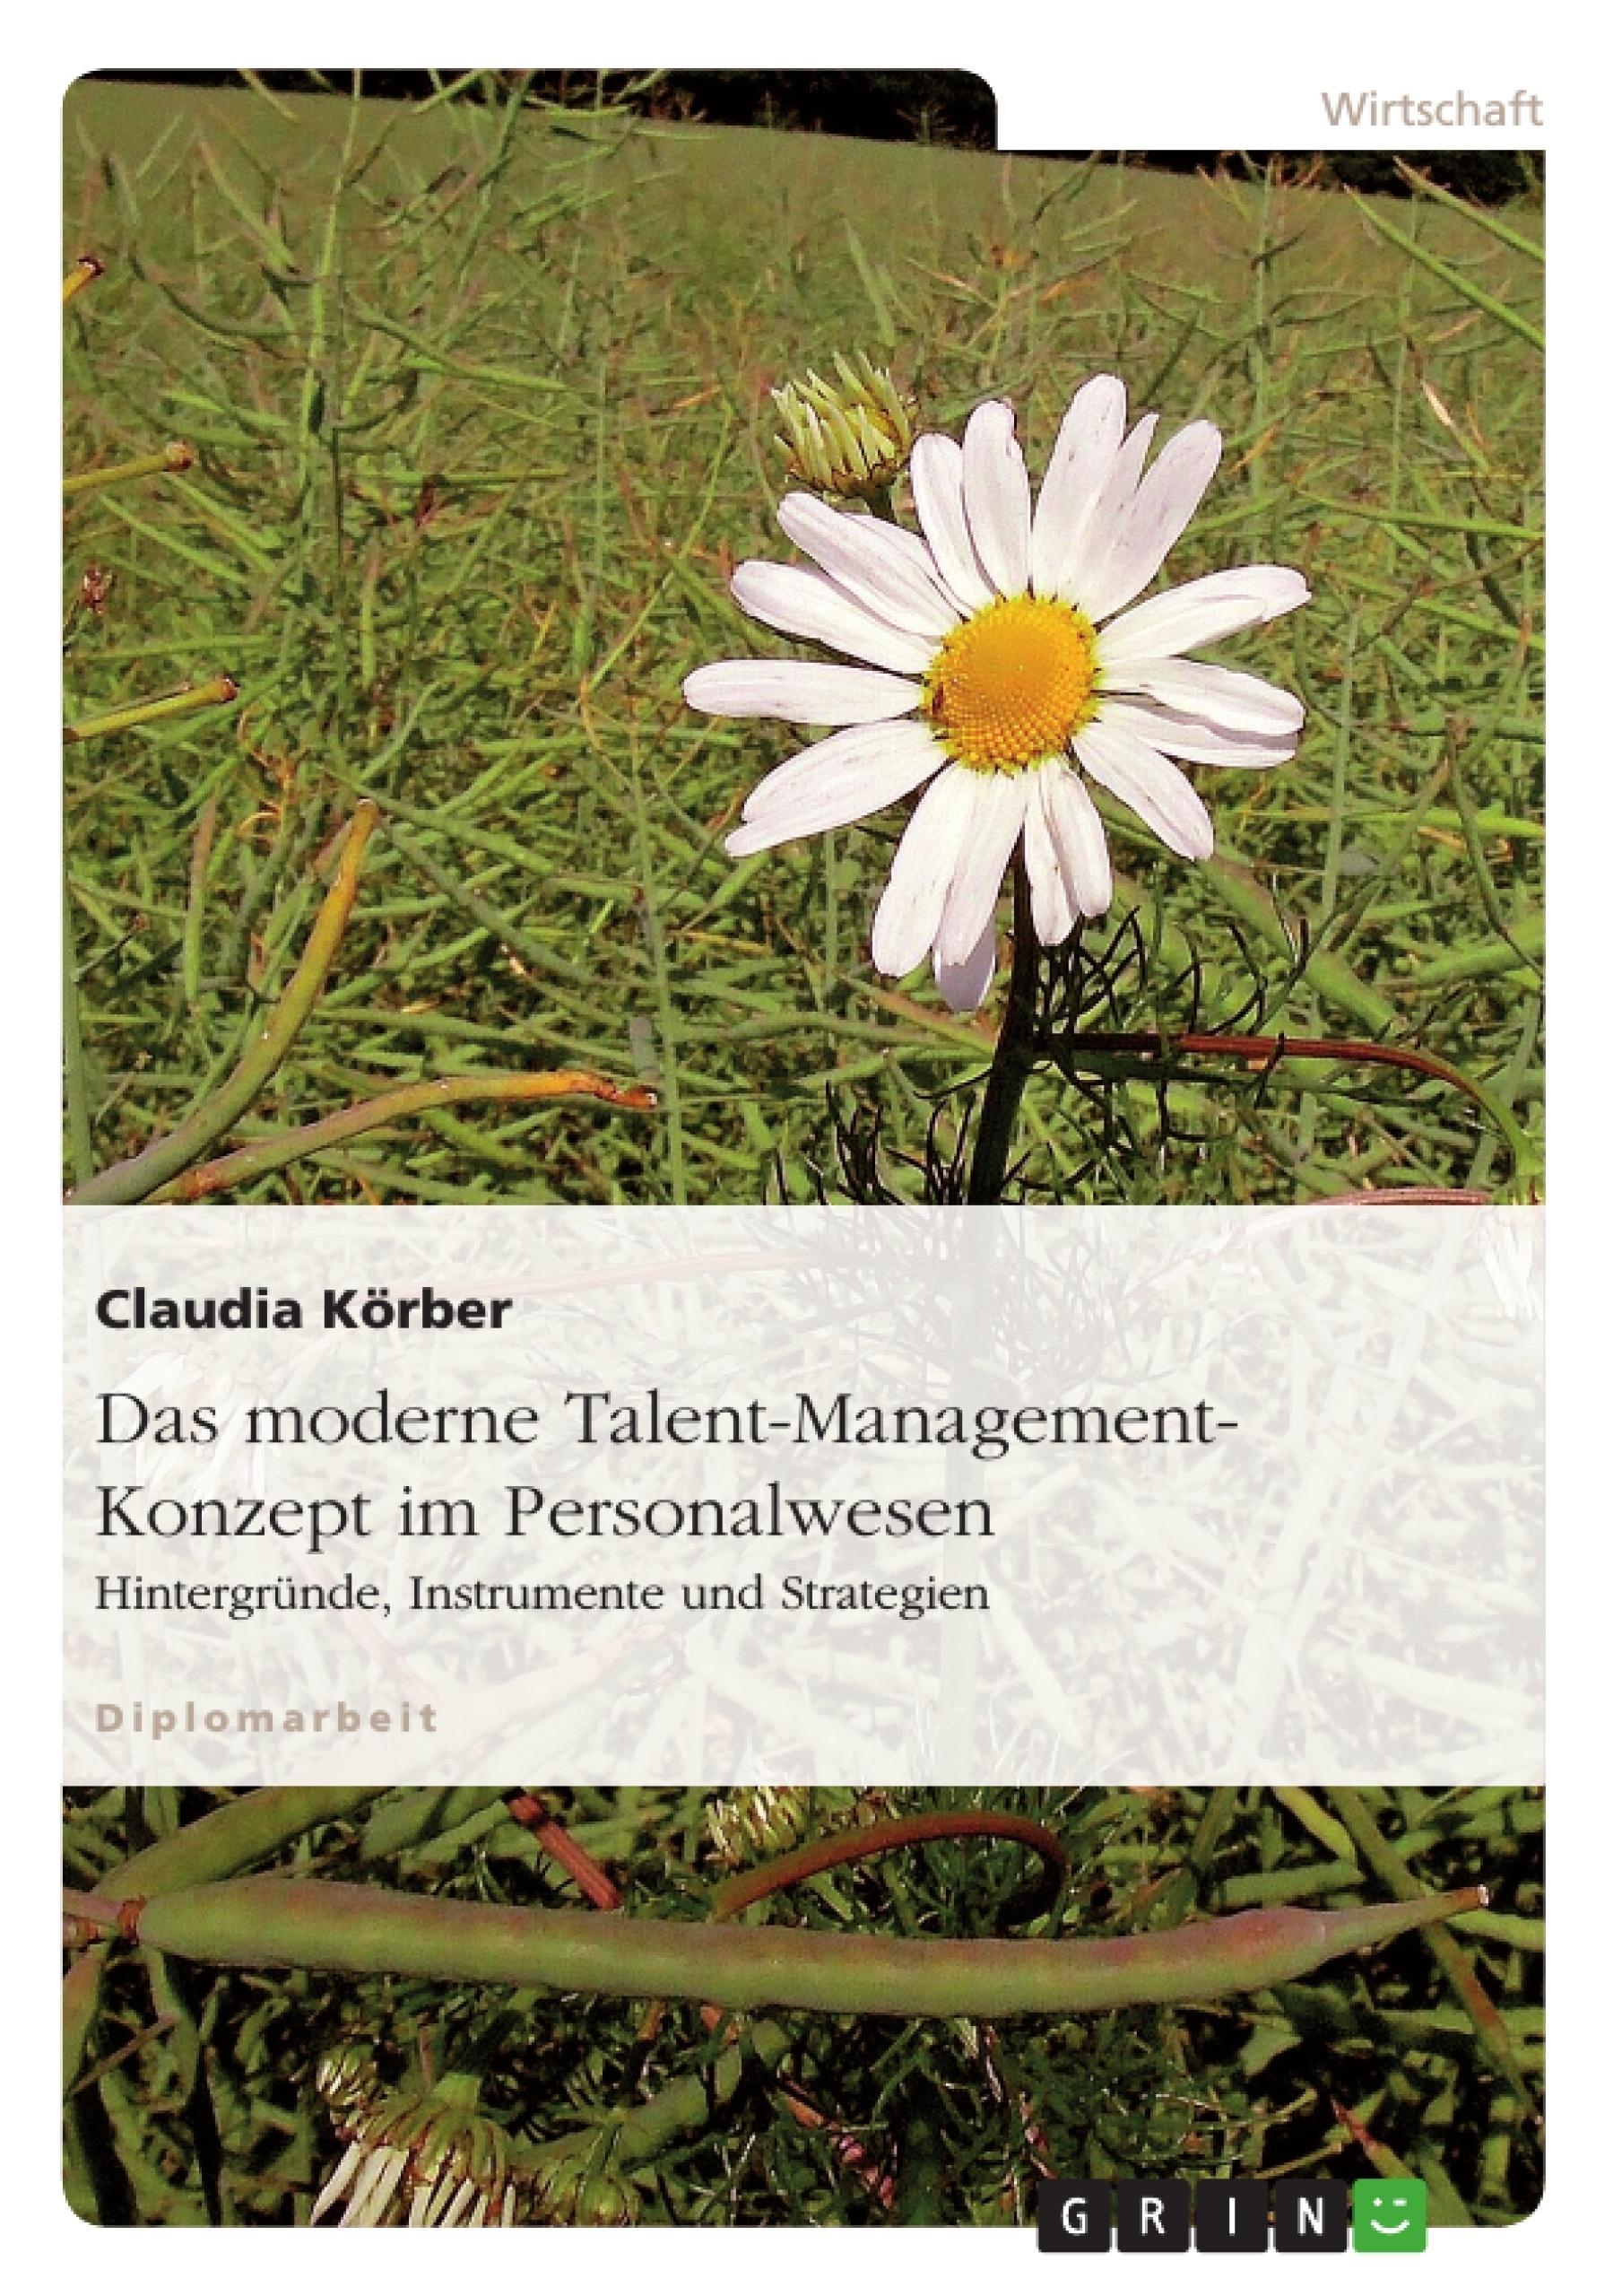 Titel: Das moderne Talent-Management-Konzept im Personalwesen